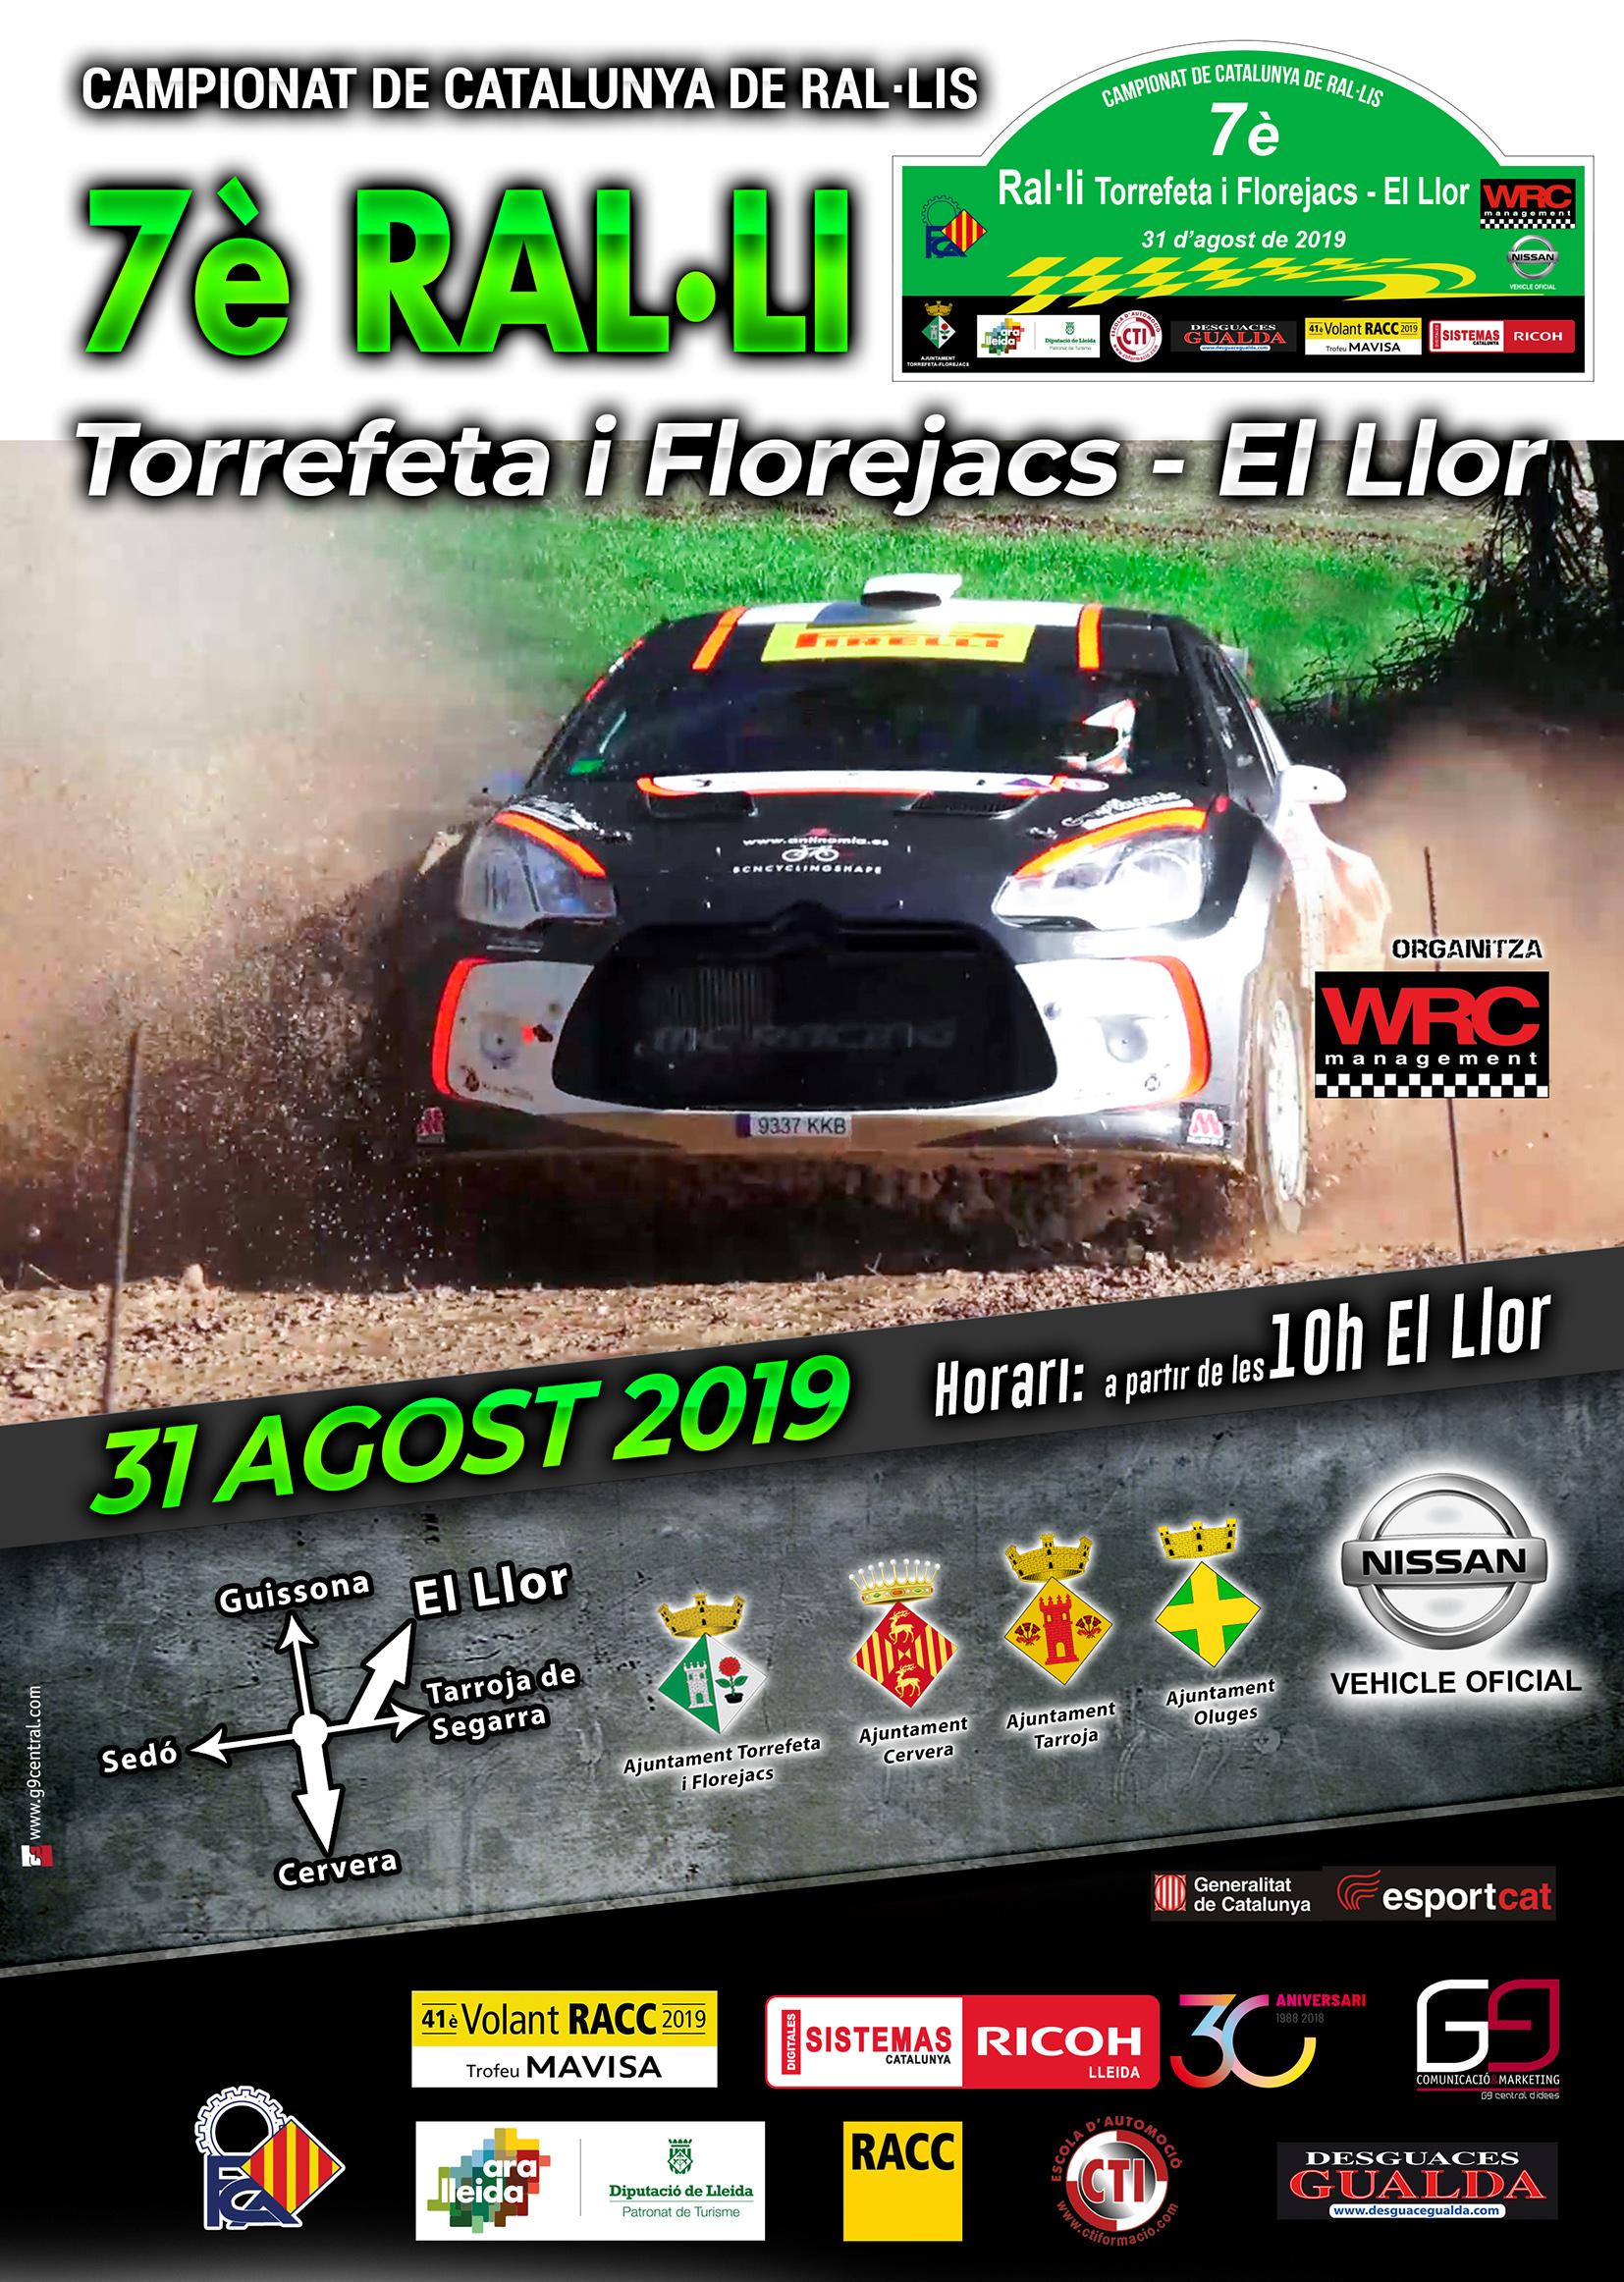 Campeonatos Regionales 2019: Información y novedades - Página 19 Cartell-RALLY-Torrefeta-Florejacs2019_p